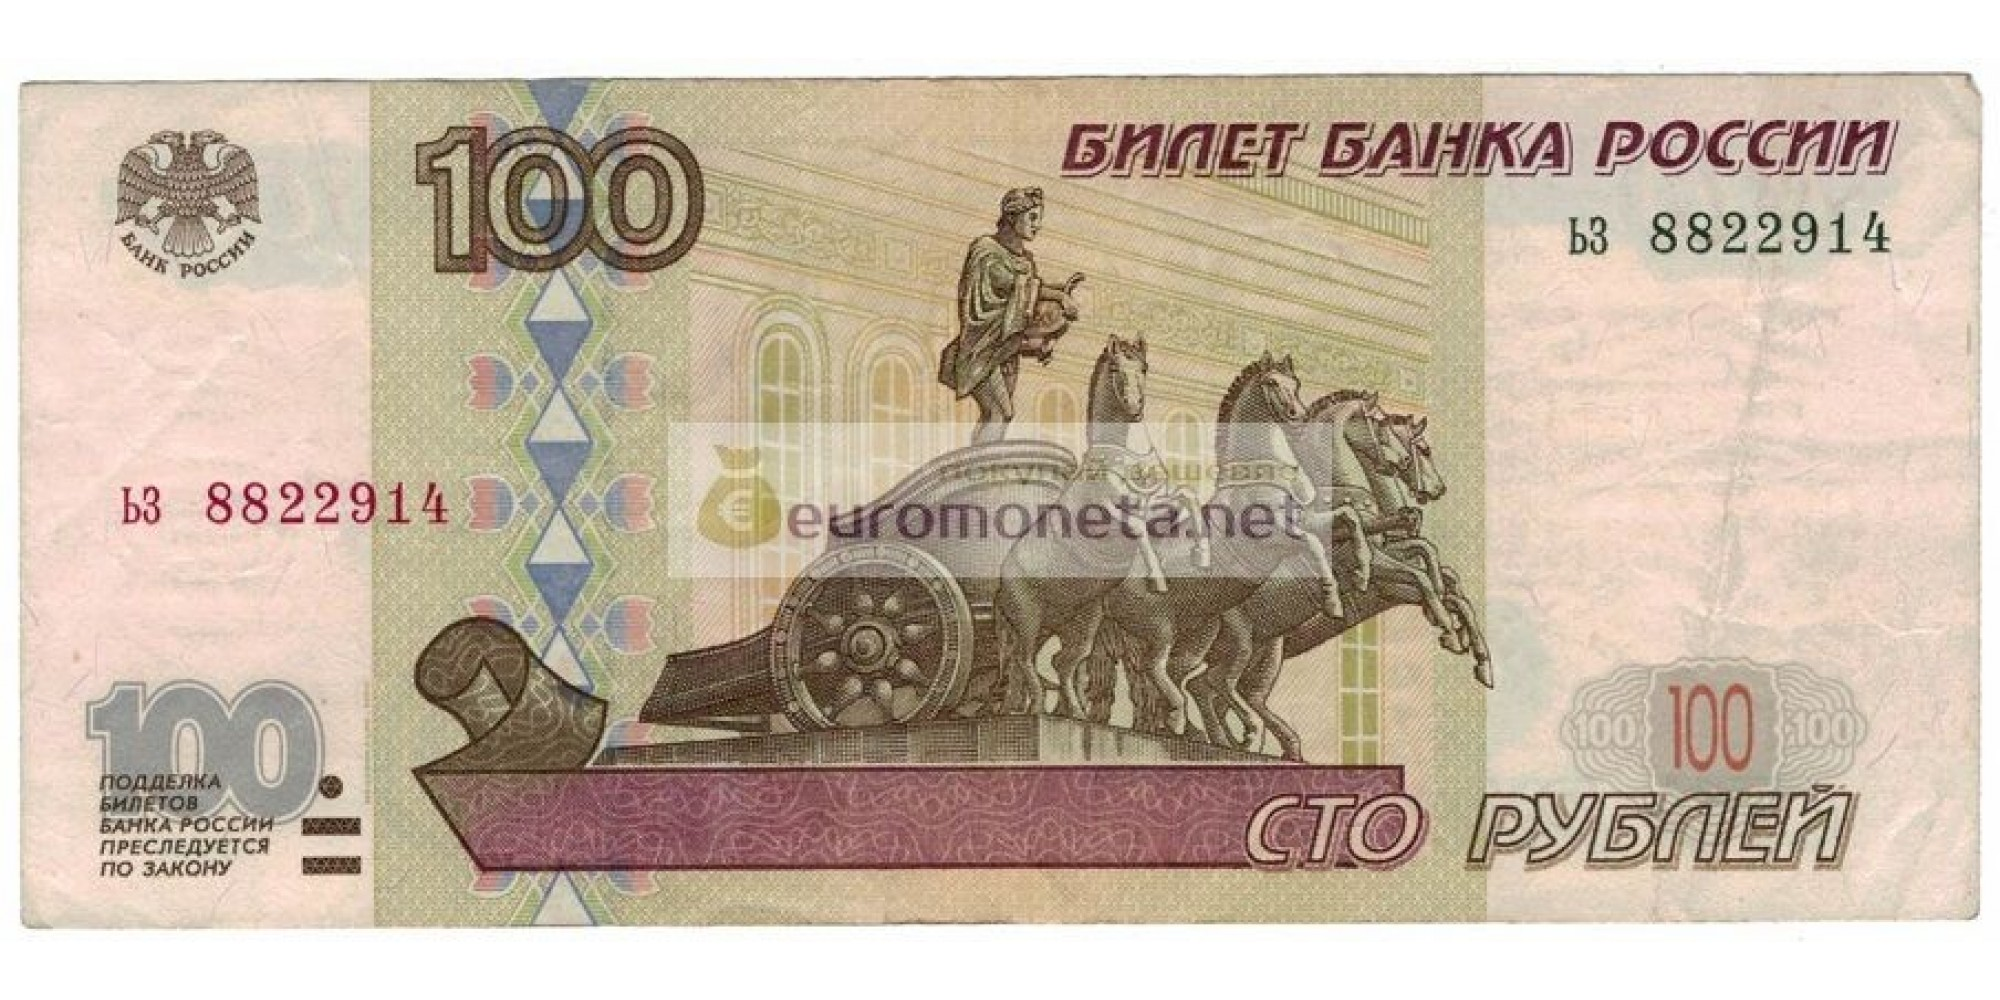 Россия 100 рублей 1997 год модификация 2001 год серия ьз 8822914